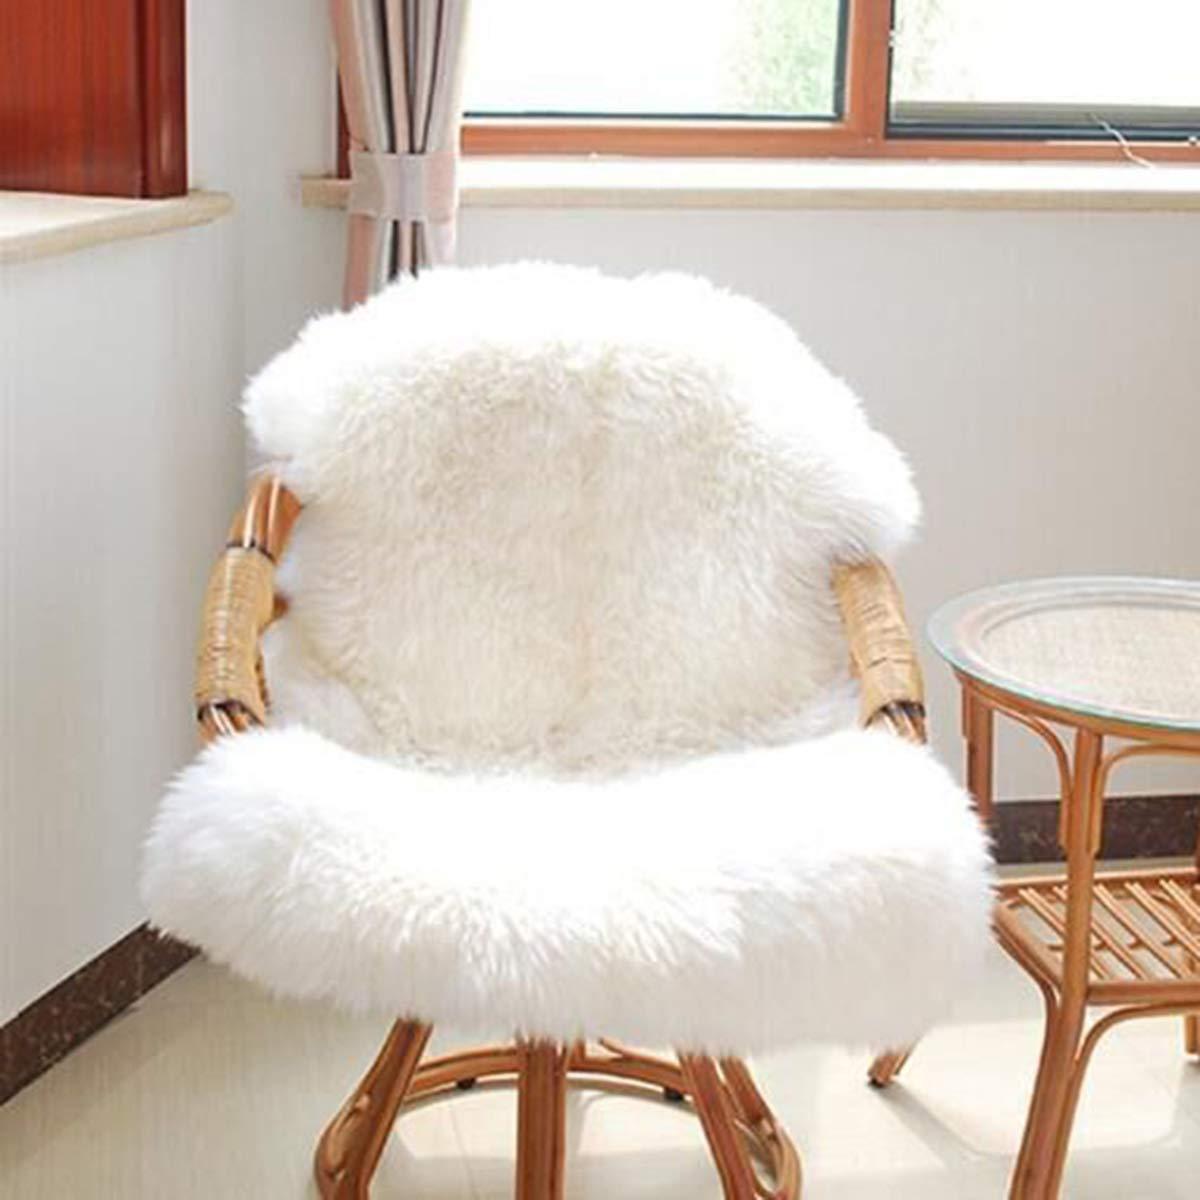 Owlike 1PC Super Soft Carpet Mat Blanket Chair Cover Cushion, Comfortable Fluffy Seat Cushion, Sofa Cover Cushion White 6090